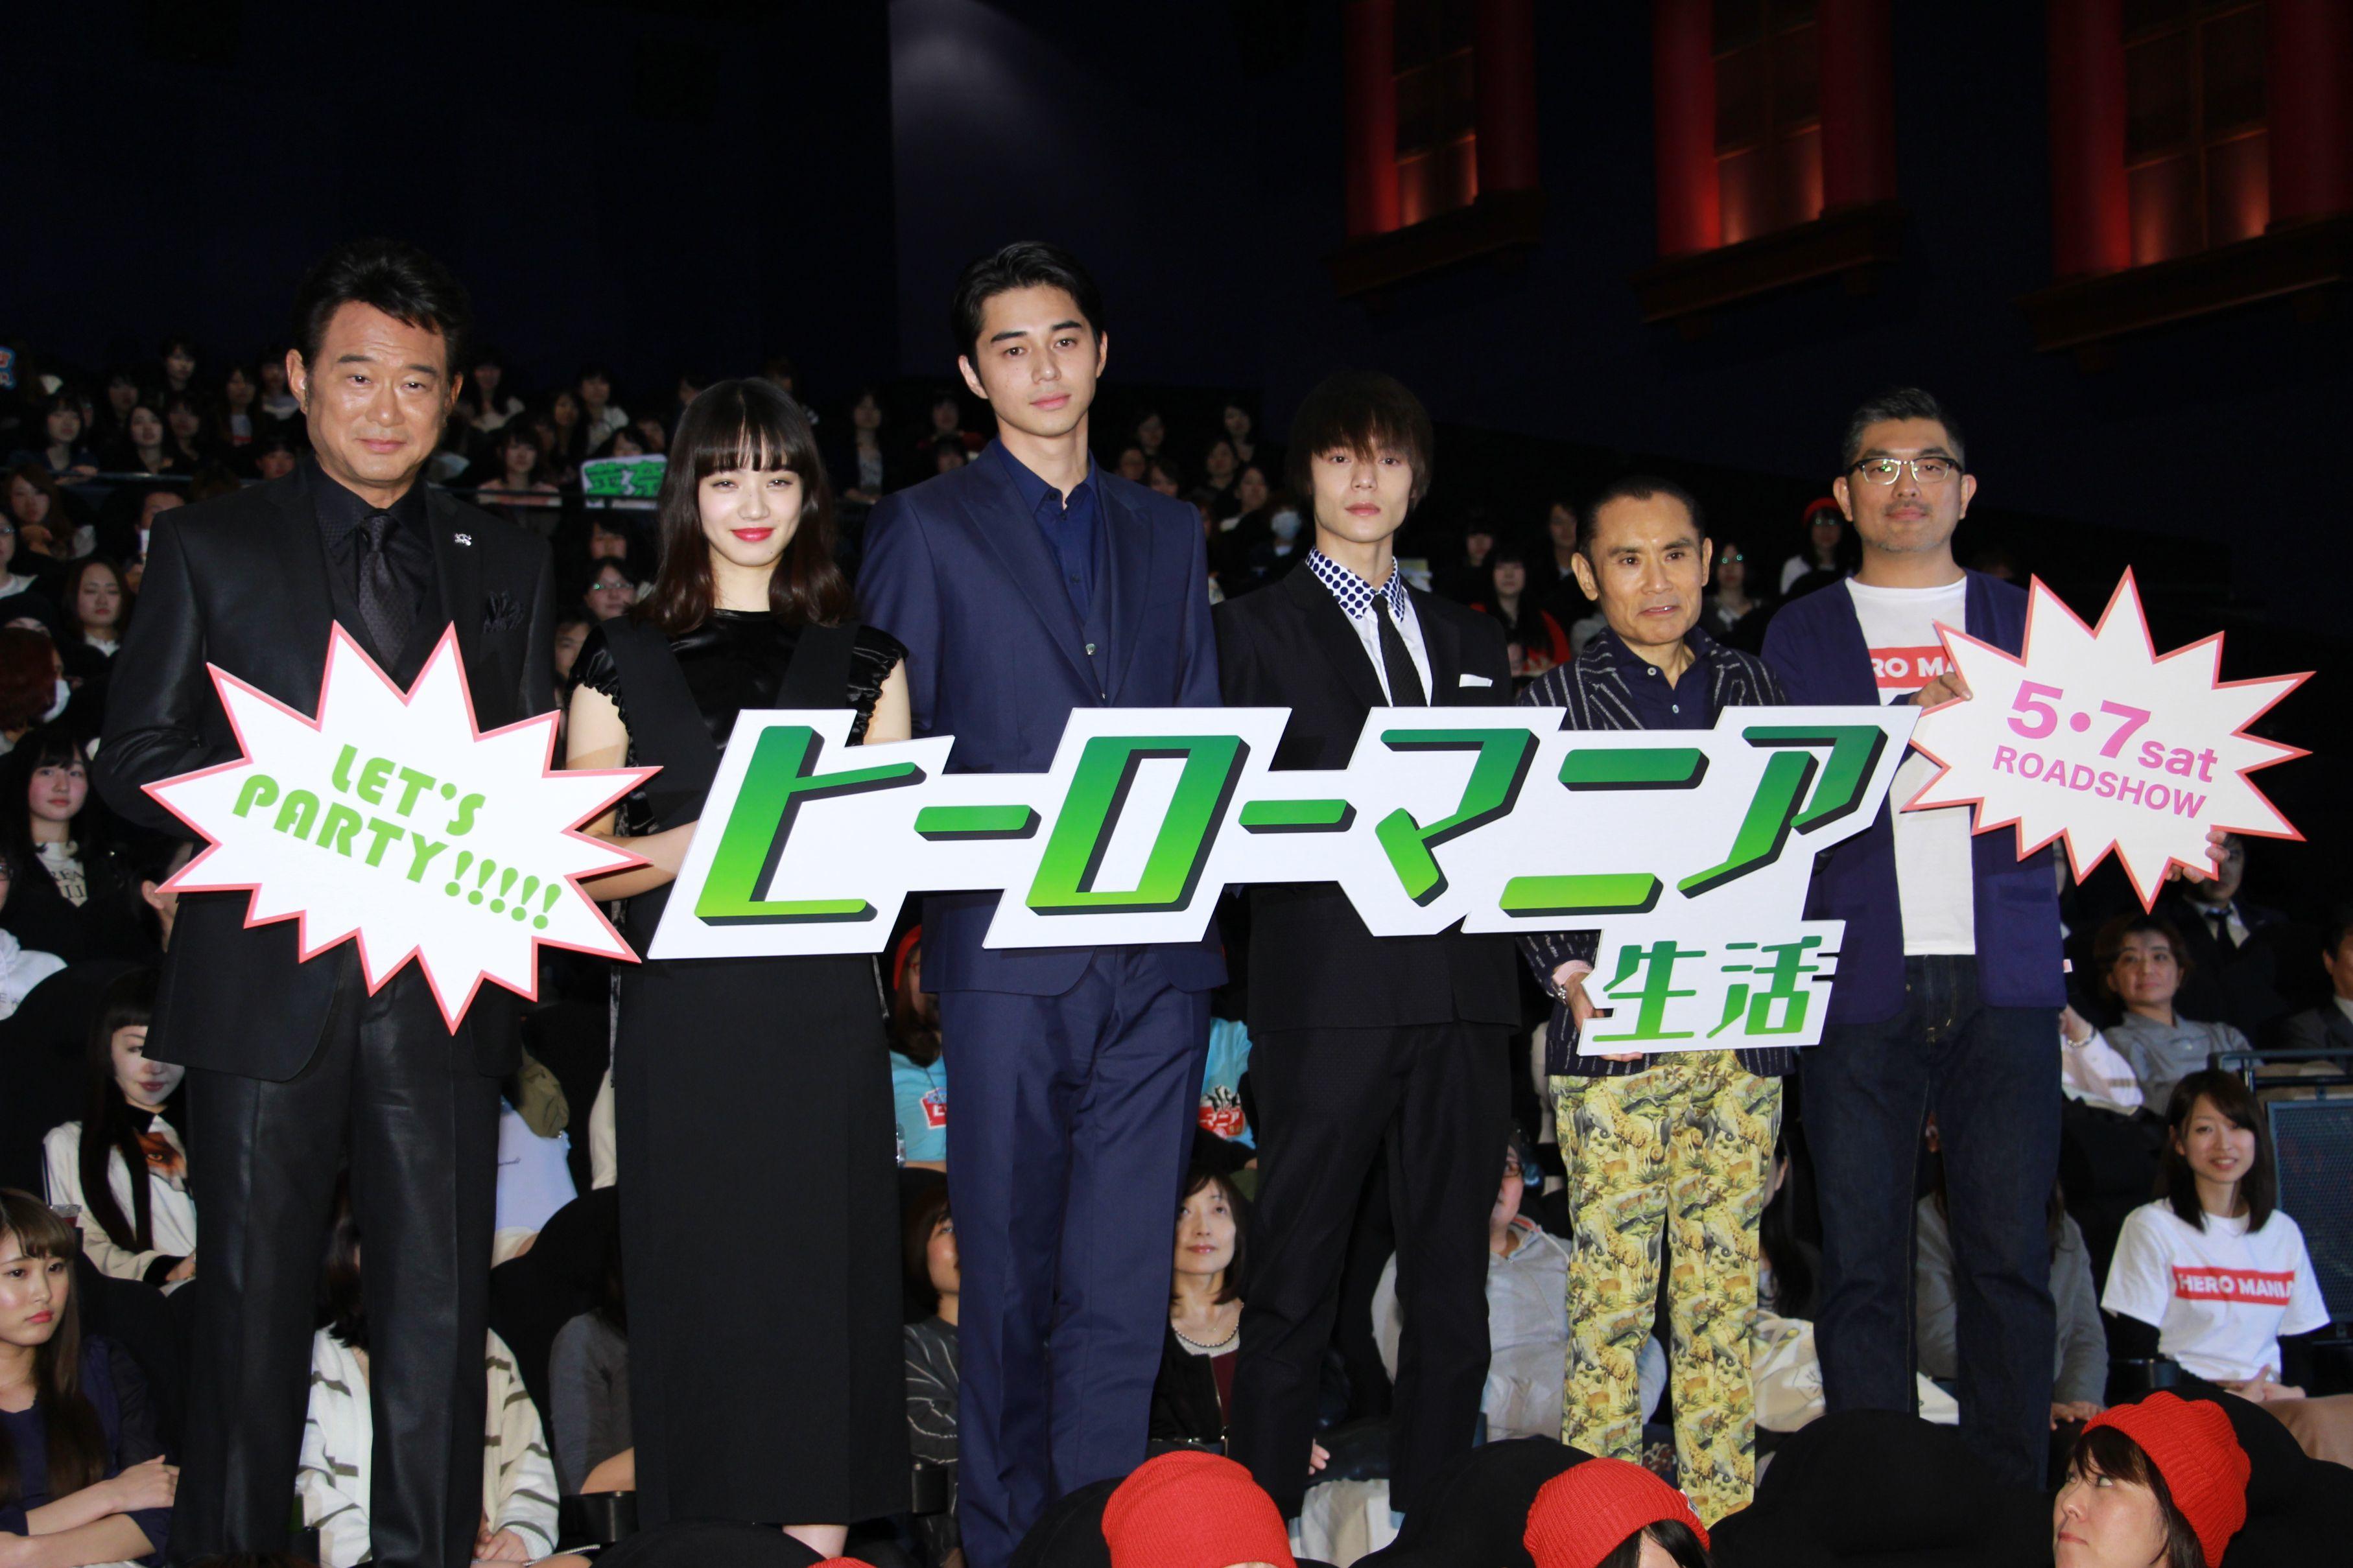 左から 船越英一郎、小松菜奈、東出昌大、窪田正孝、片岡鶴太郎、豊島圭介監督